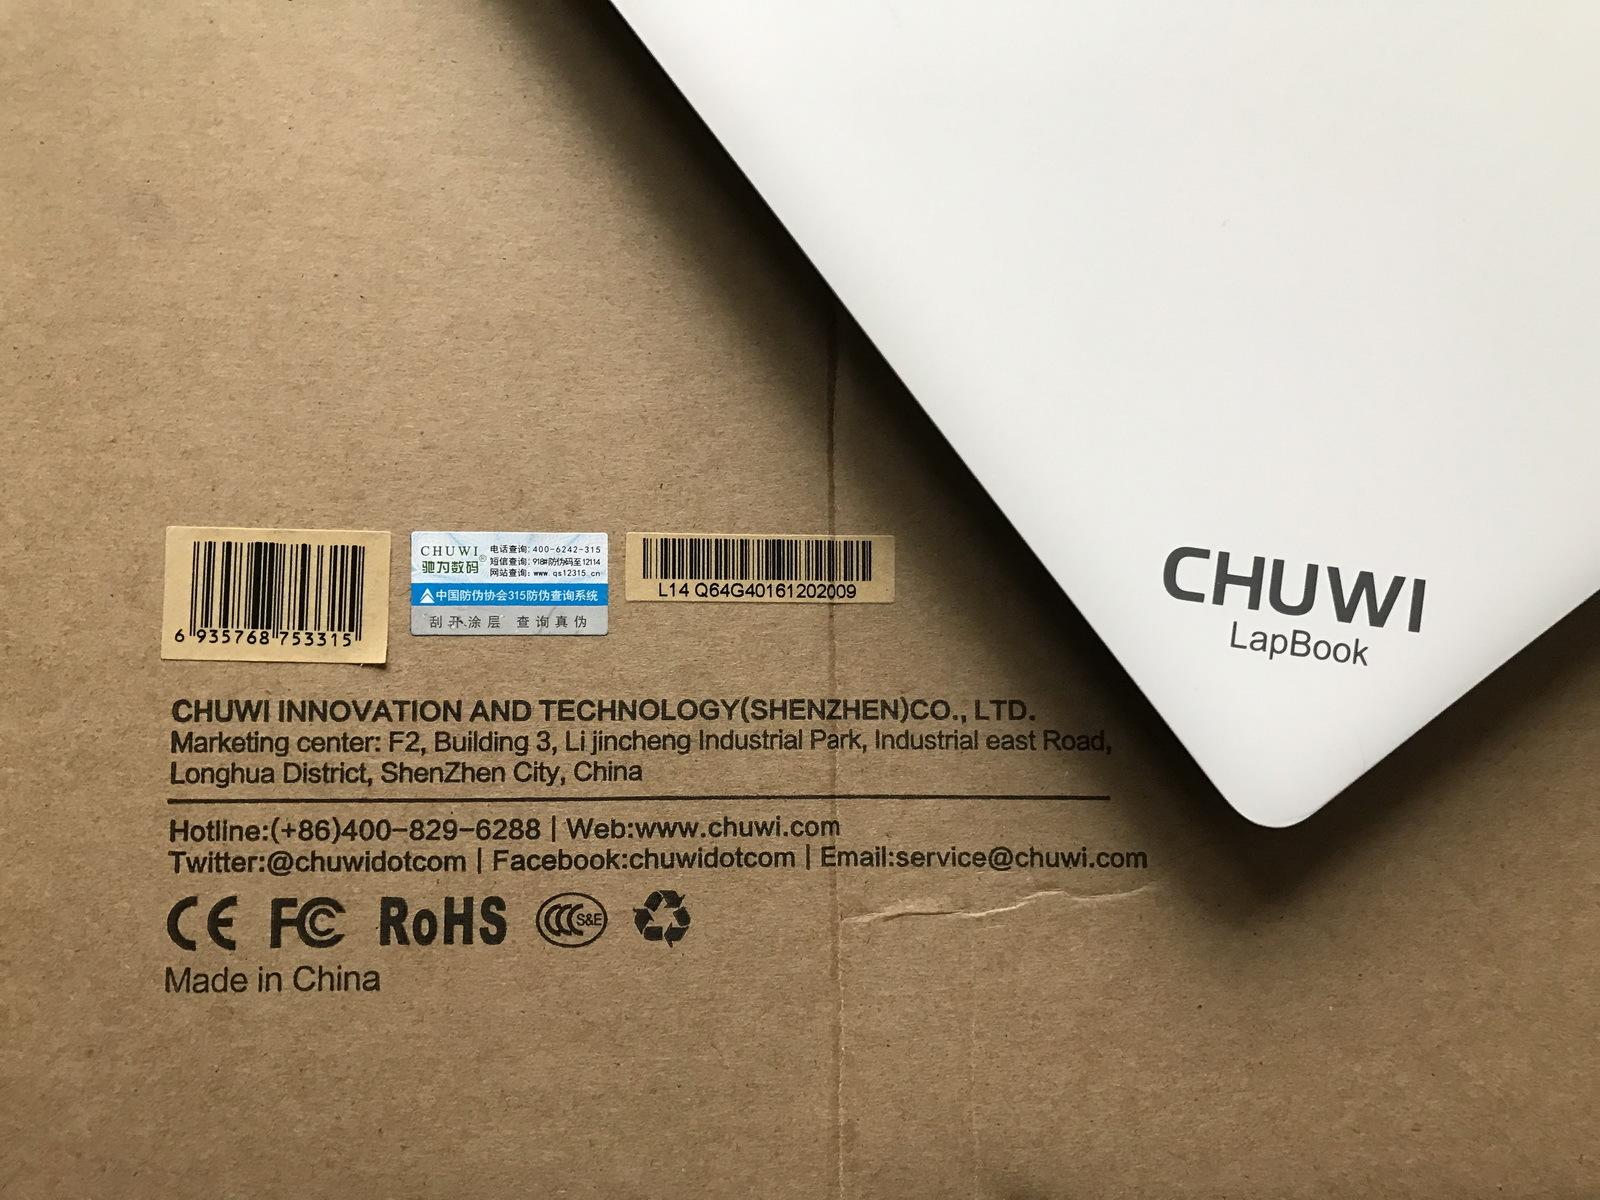 Ультрабюджетный ноутбук Chuwi LapBook 14.1: Все во имя экономии - 1